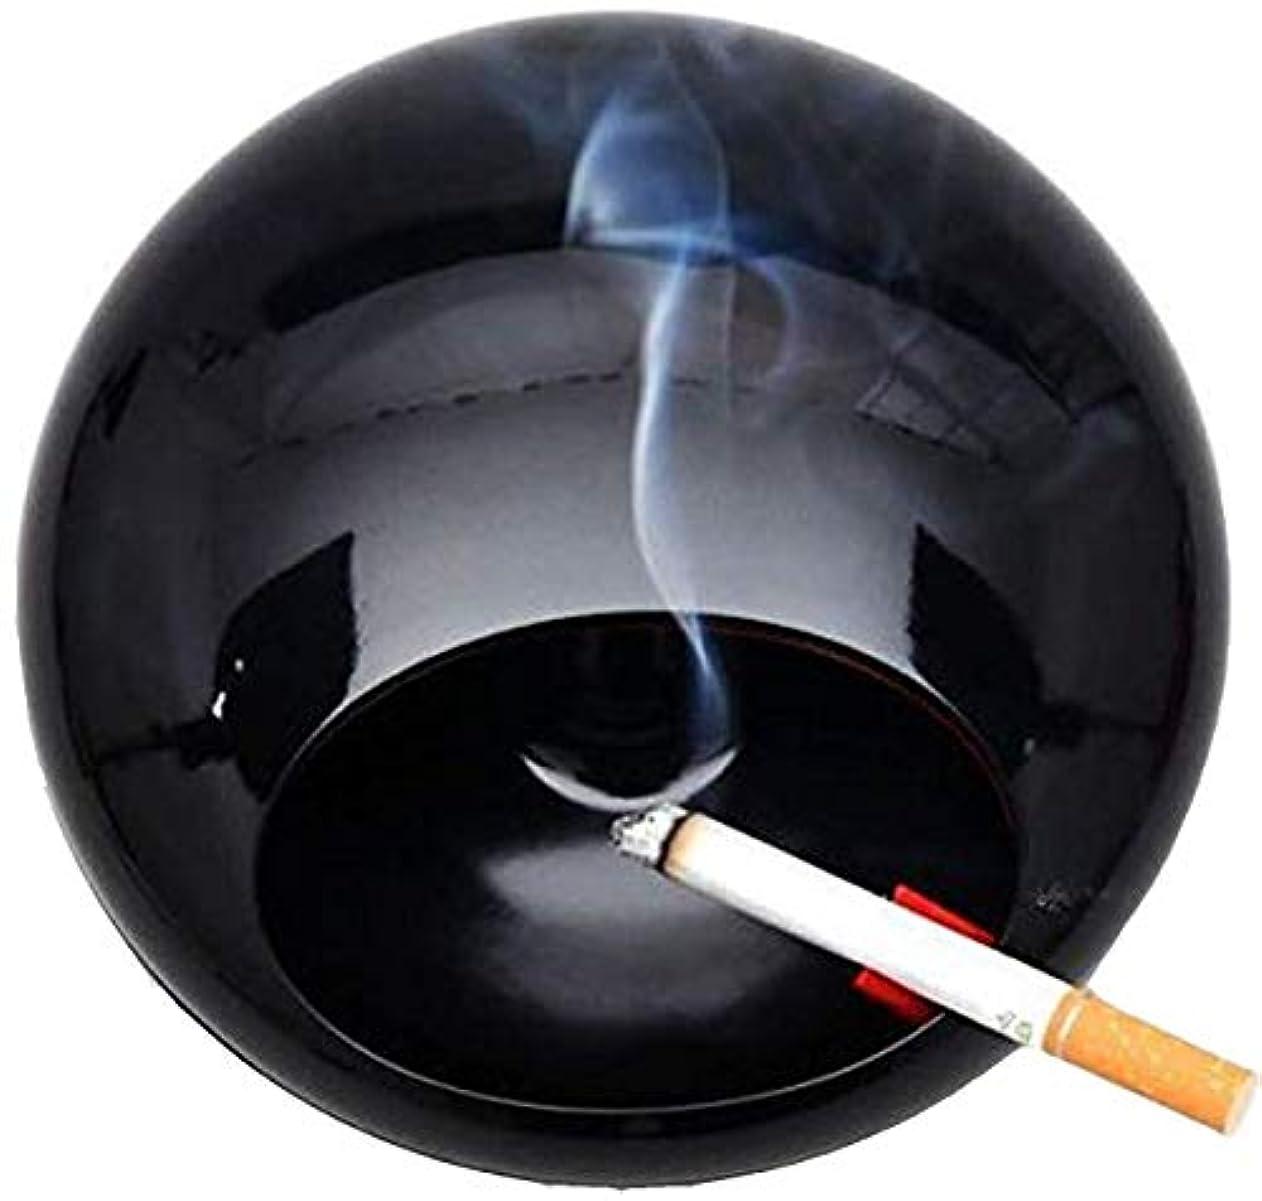 通信する下に向けます増幅蓋メラミン磁器煙すすコレクター黒と灰皿を回転させます